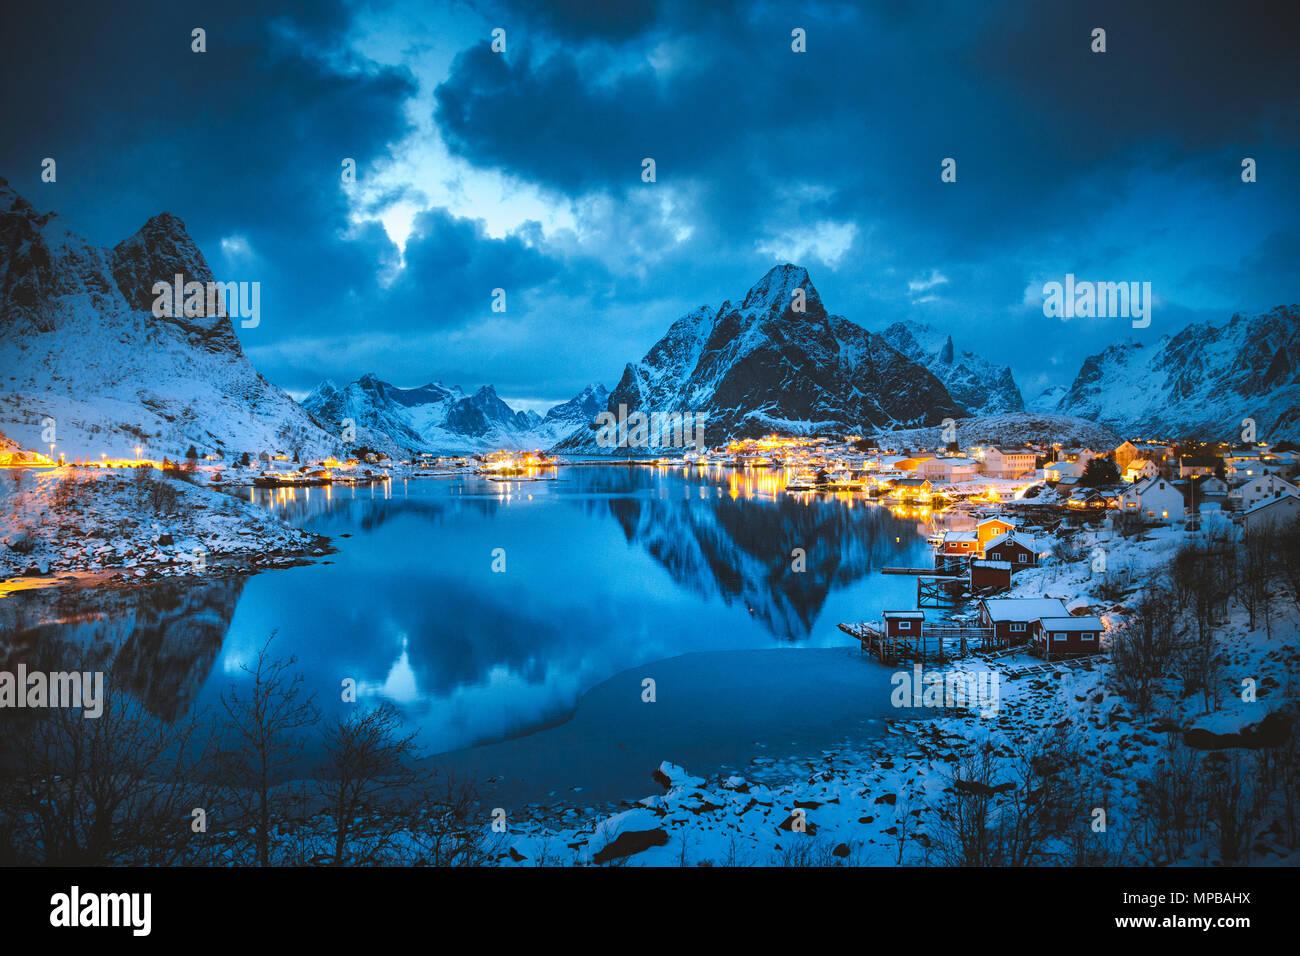 Visualizzazione classica del famoso villaggio di pescatori di Reine con picco Olstinden in background in Inverno Magico crepuscolo serale, Isole Lofoten in Norvegia Immagini Stock